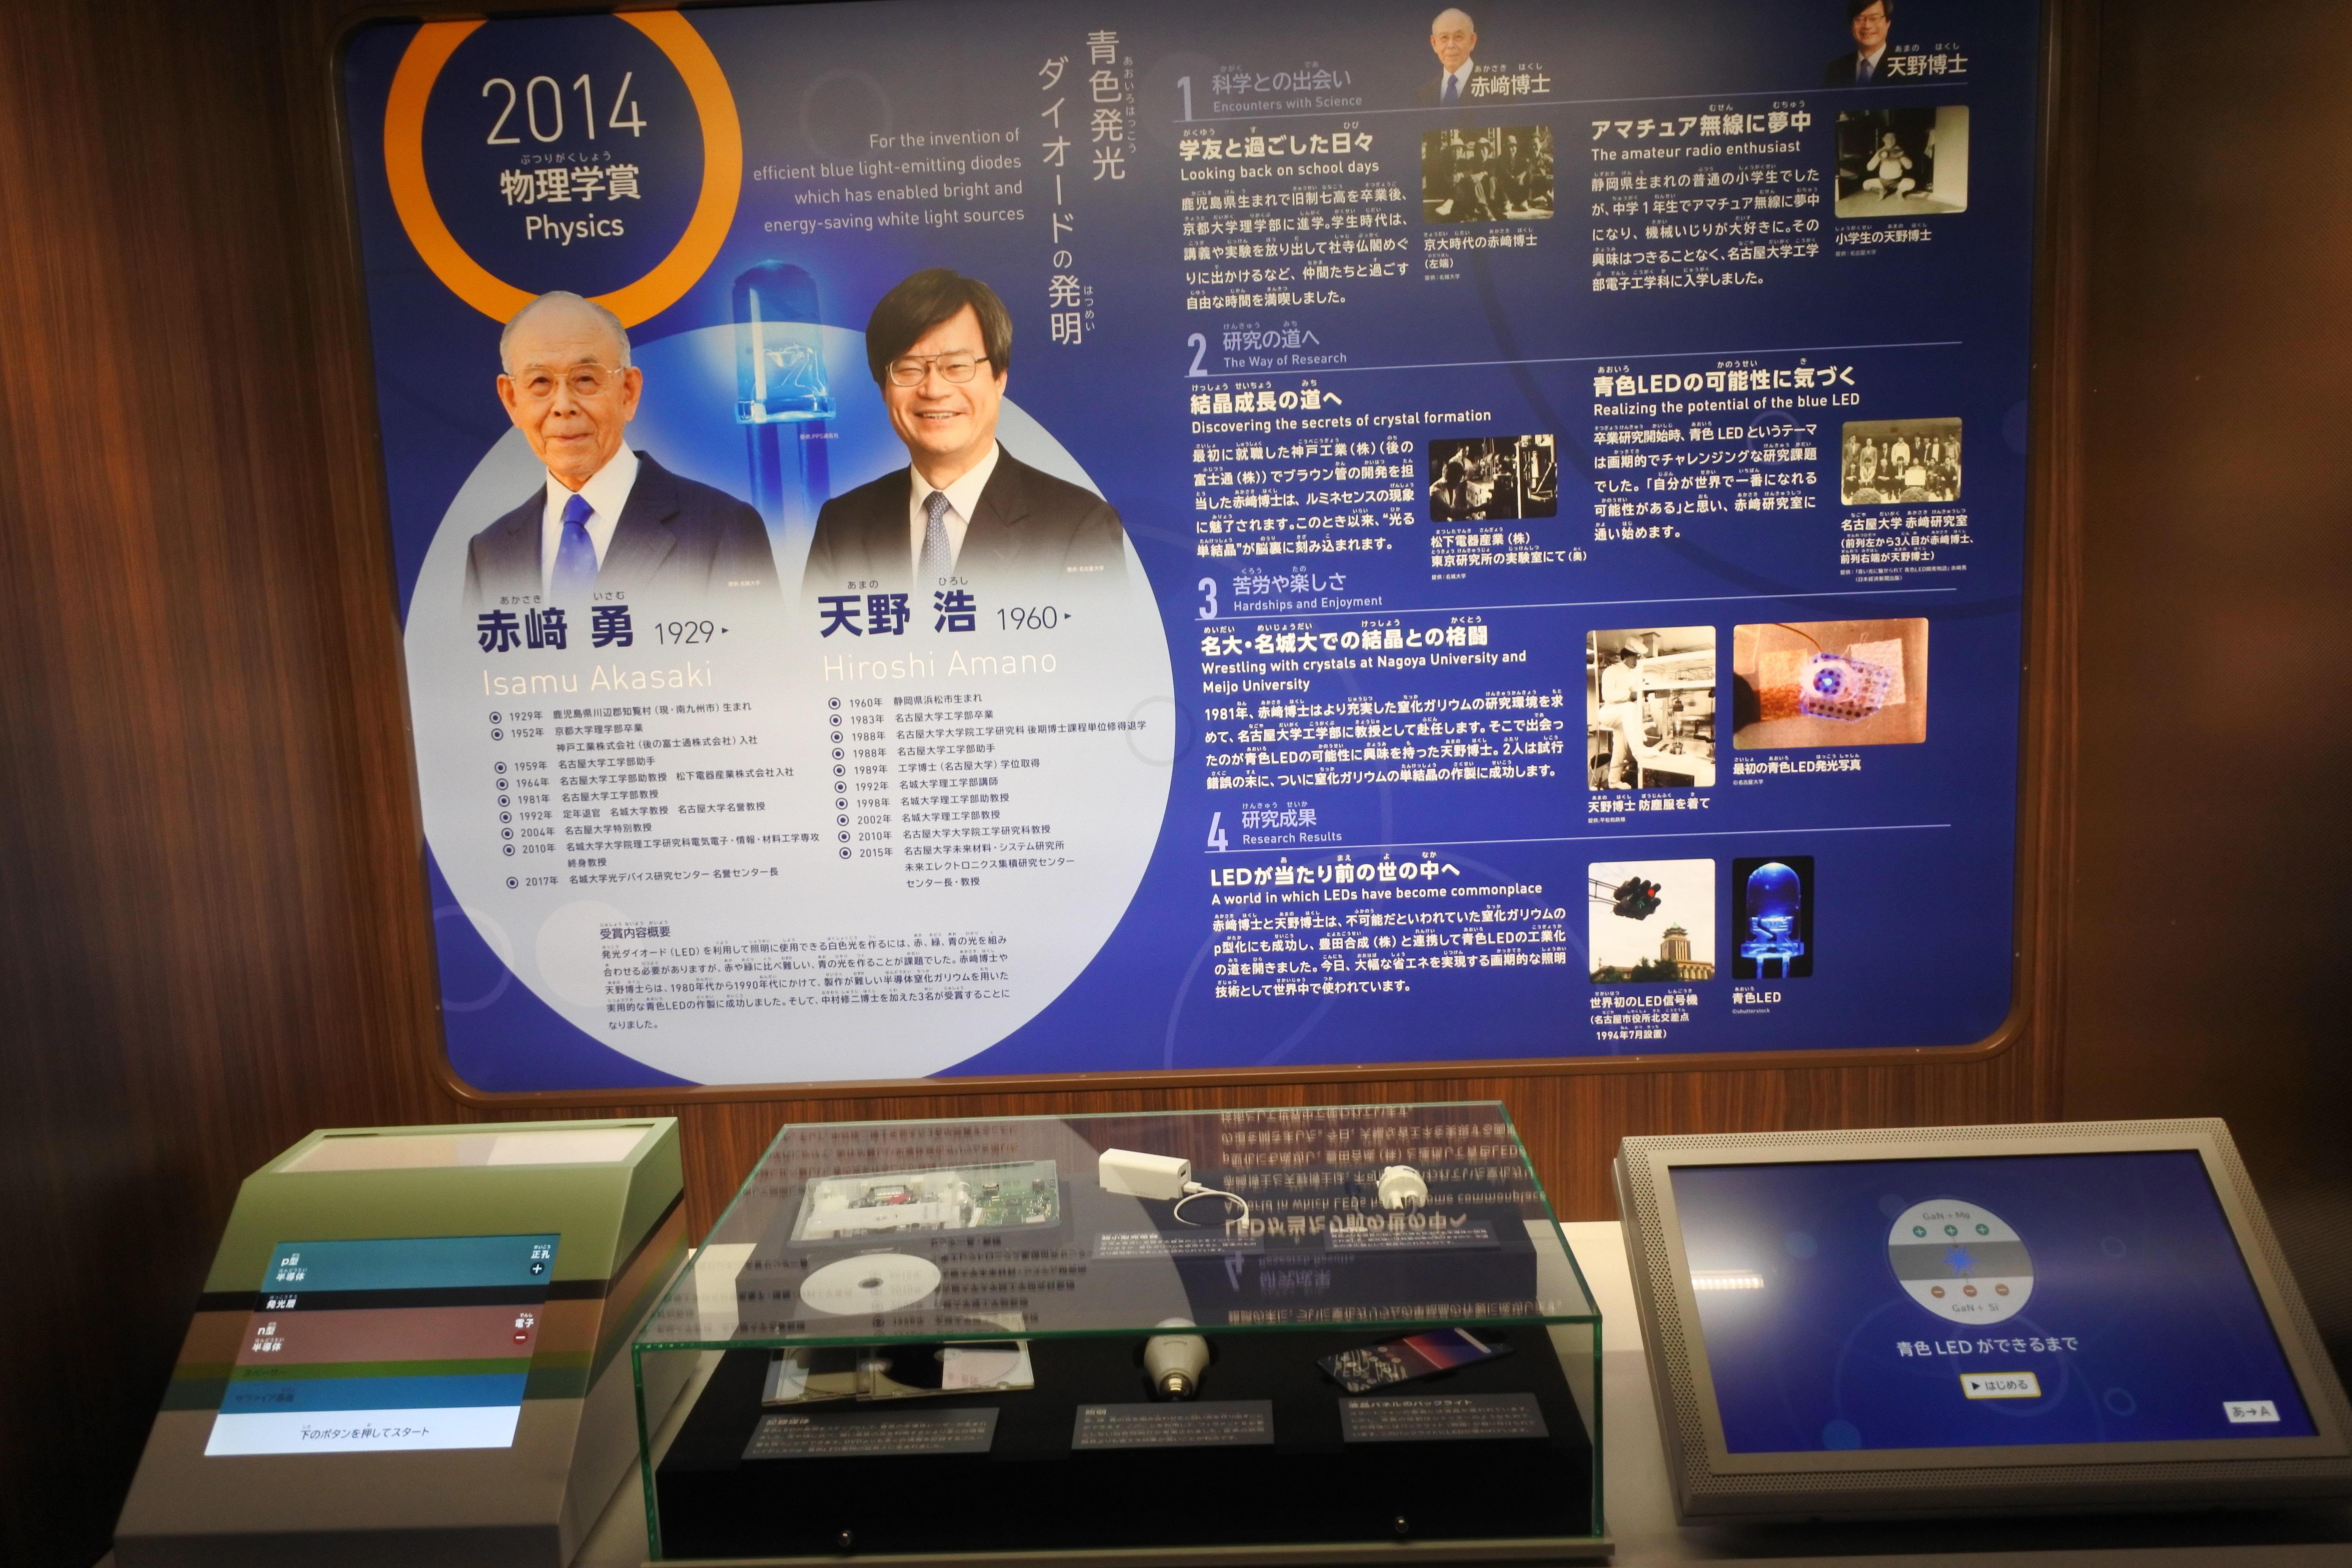 赤﨑勇終身教授・特別栄誉教授、天野浩特別栄誉教授の展示